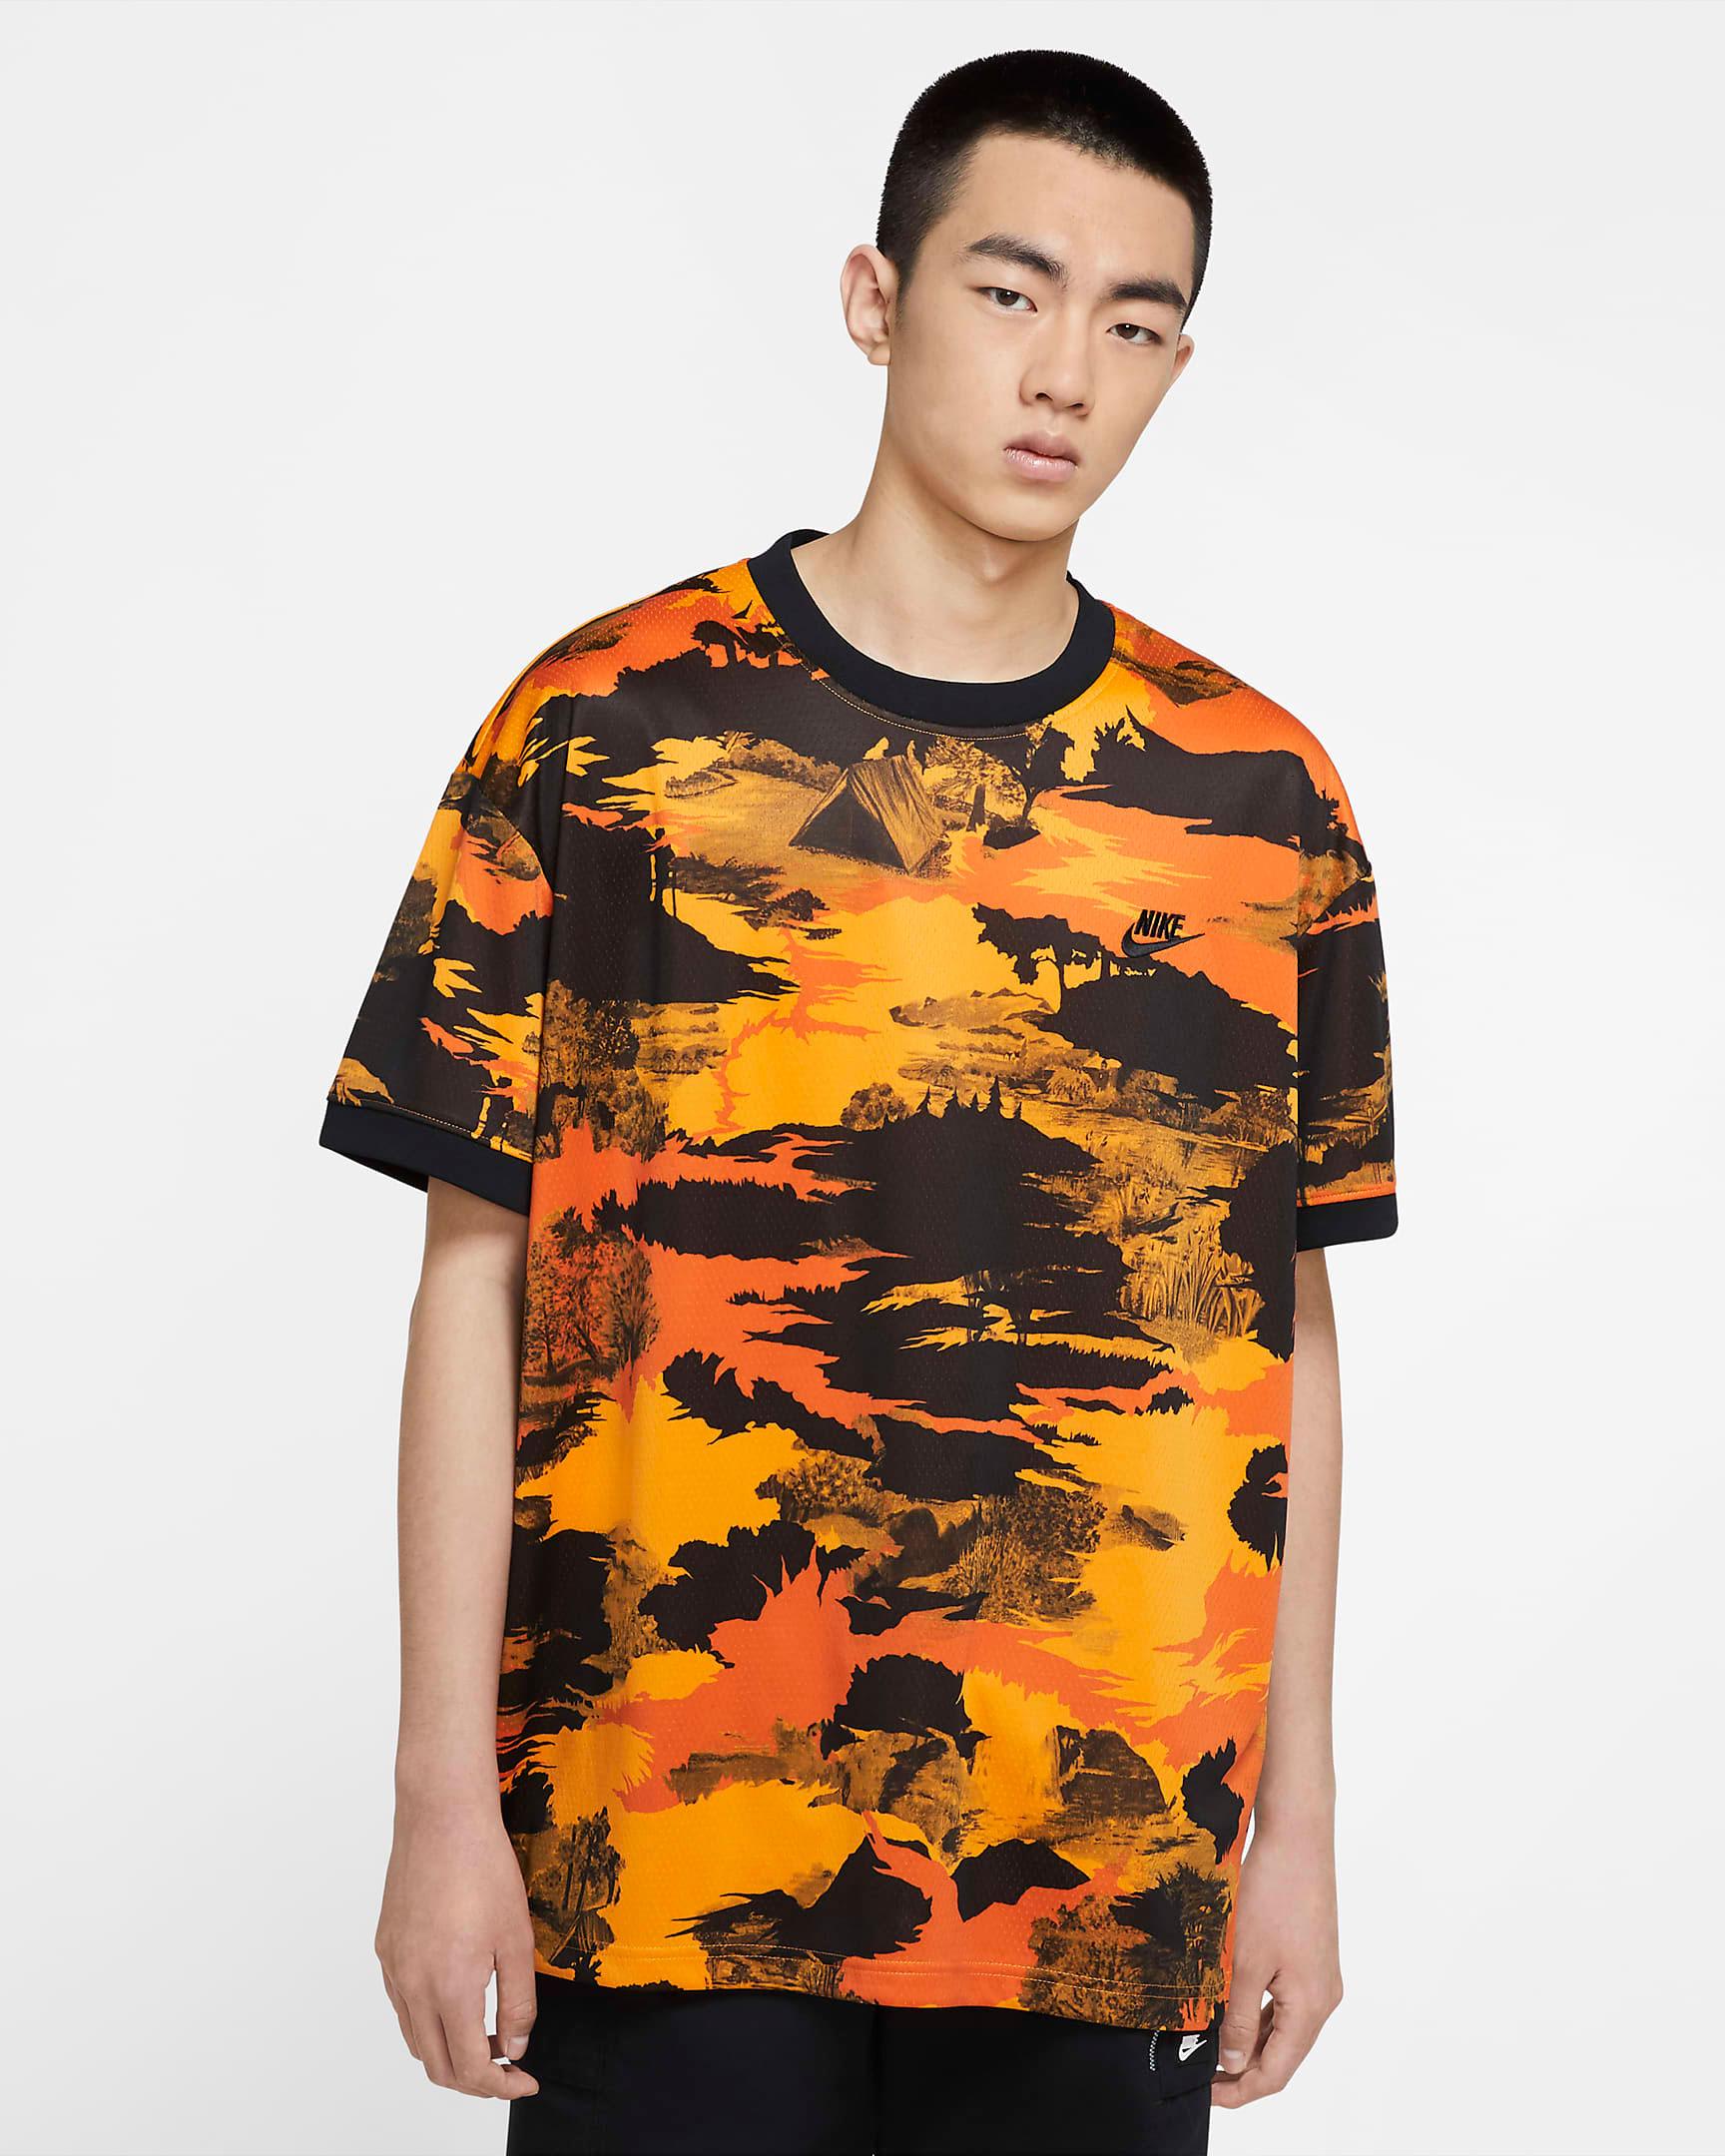 nike-air-force-1-orange-skeleton-shirt-match